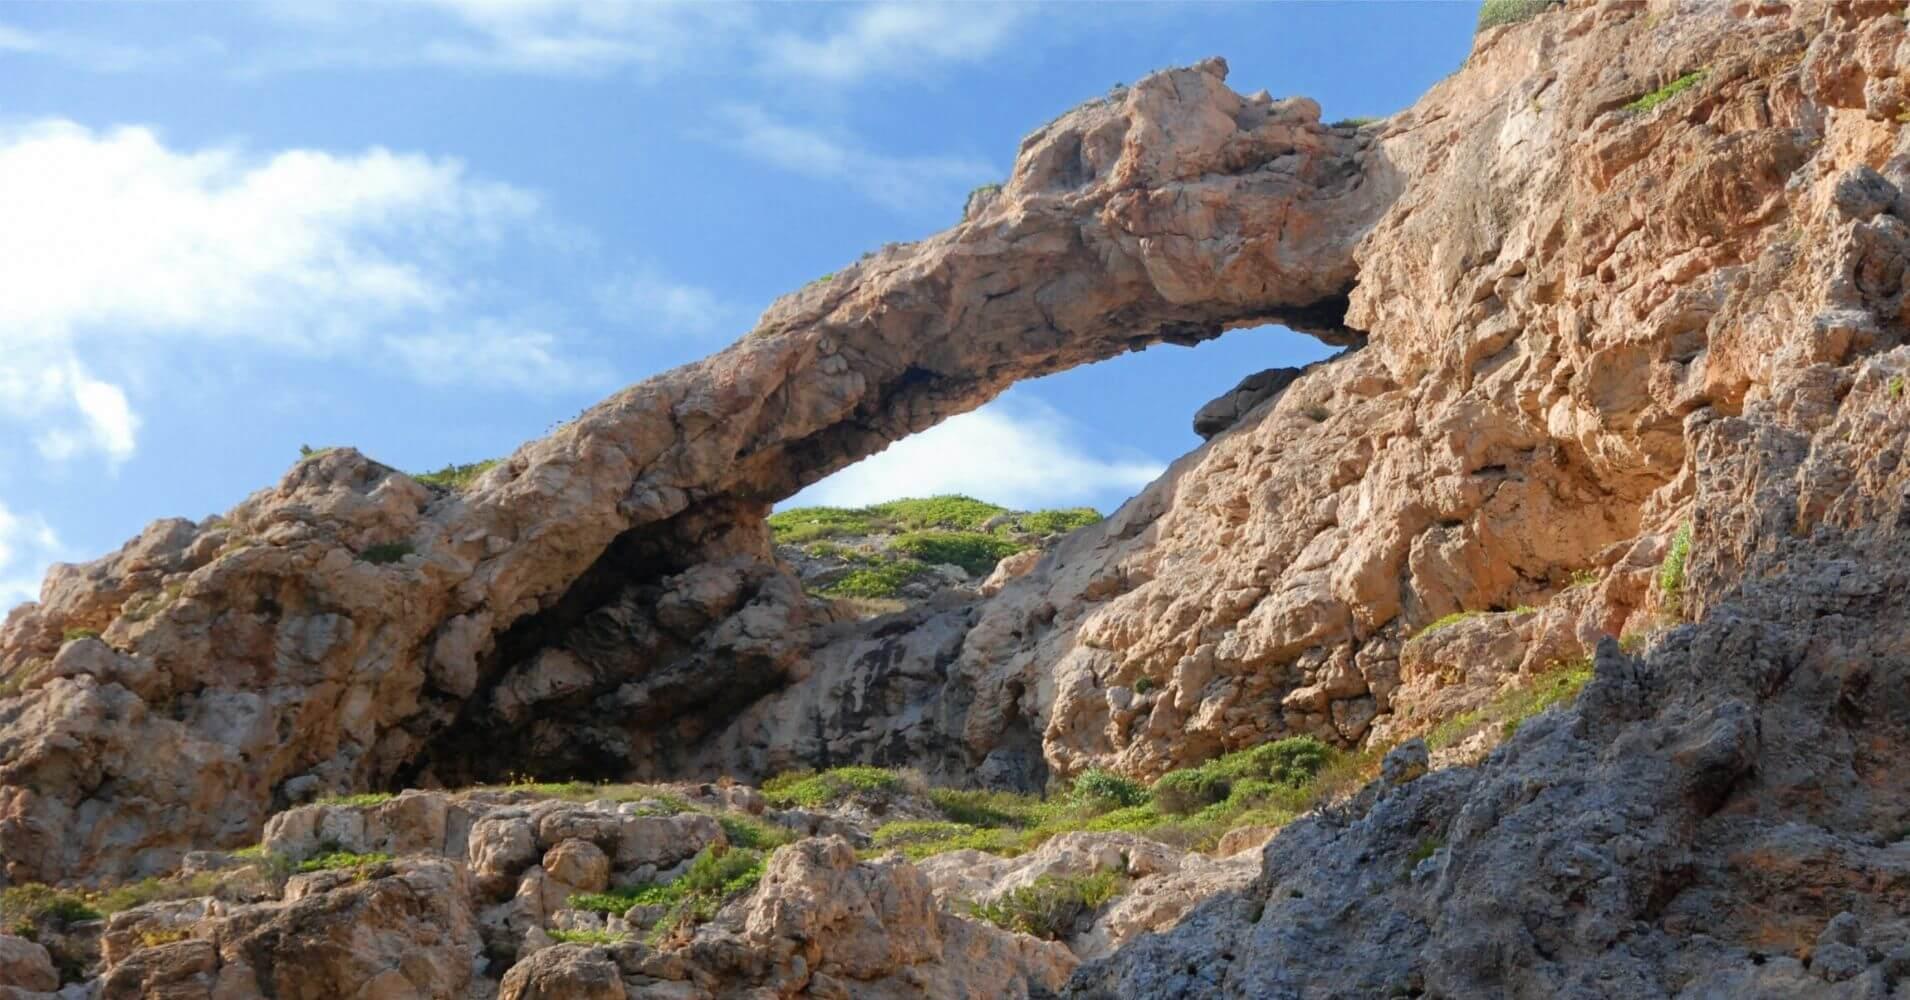 Puente Natural Parque Nacional Marítimo Terrestre Archipiélago de Cabrera. Islas Baleares.